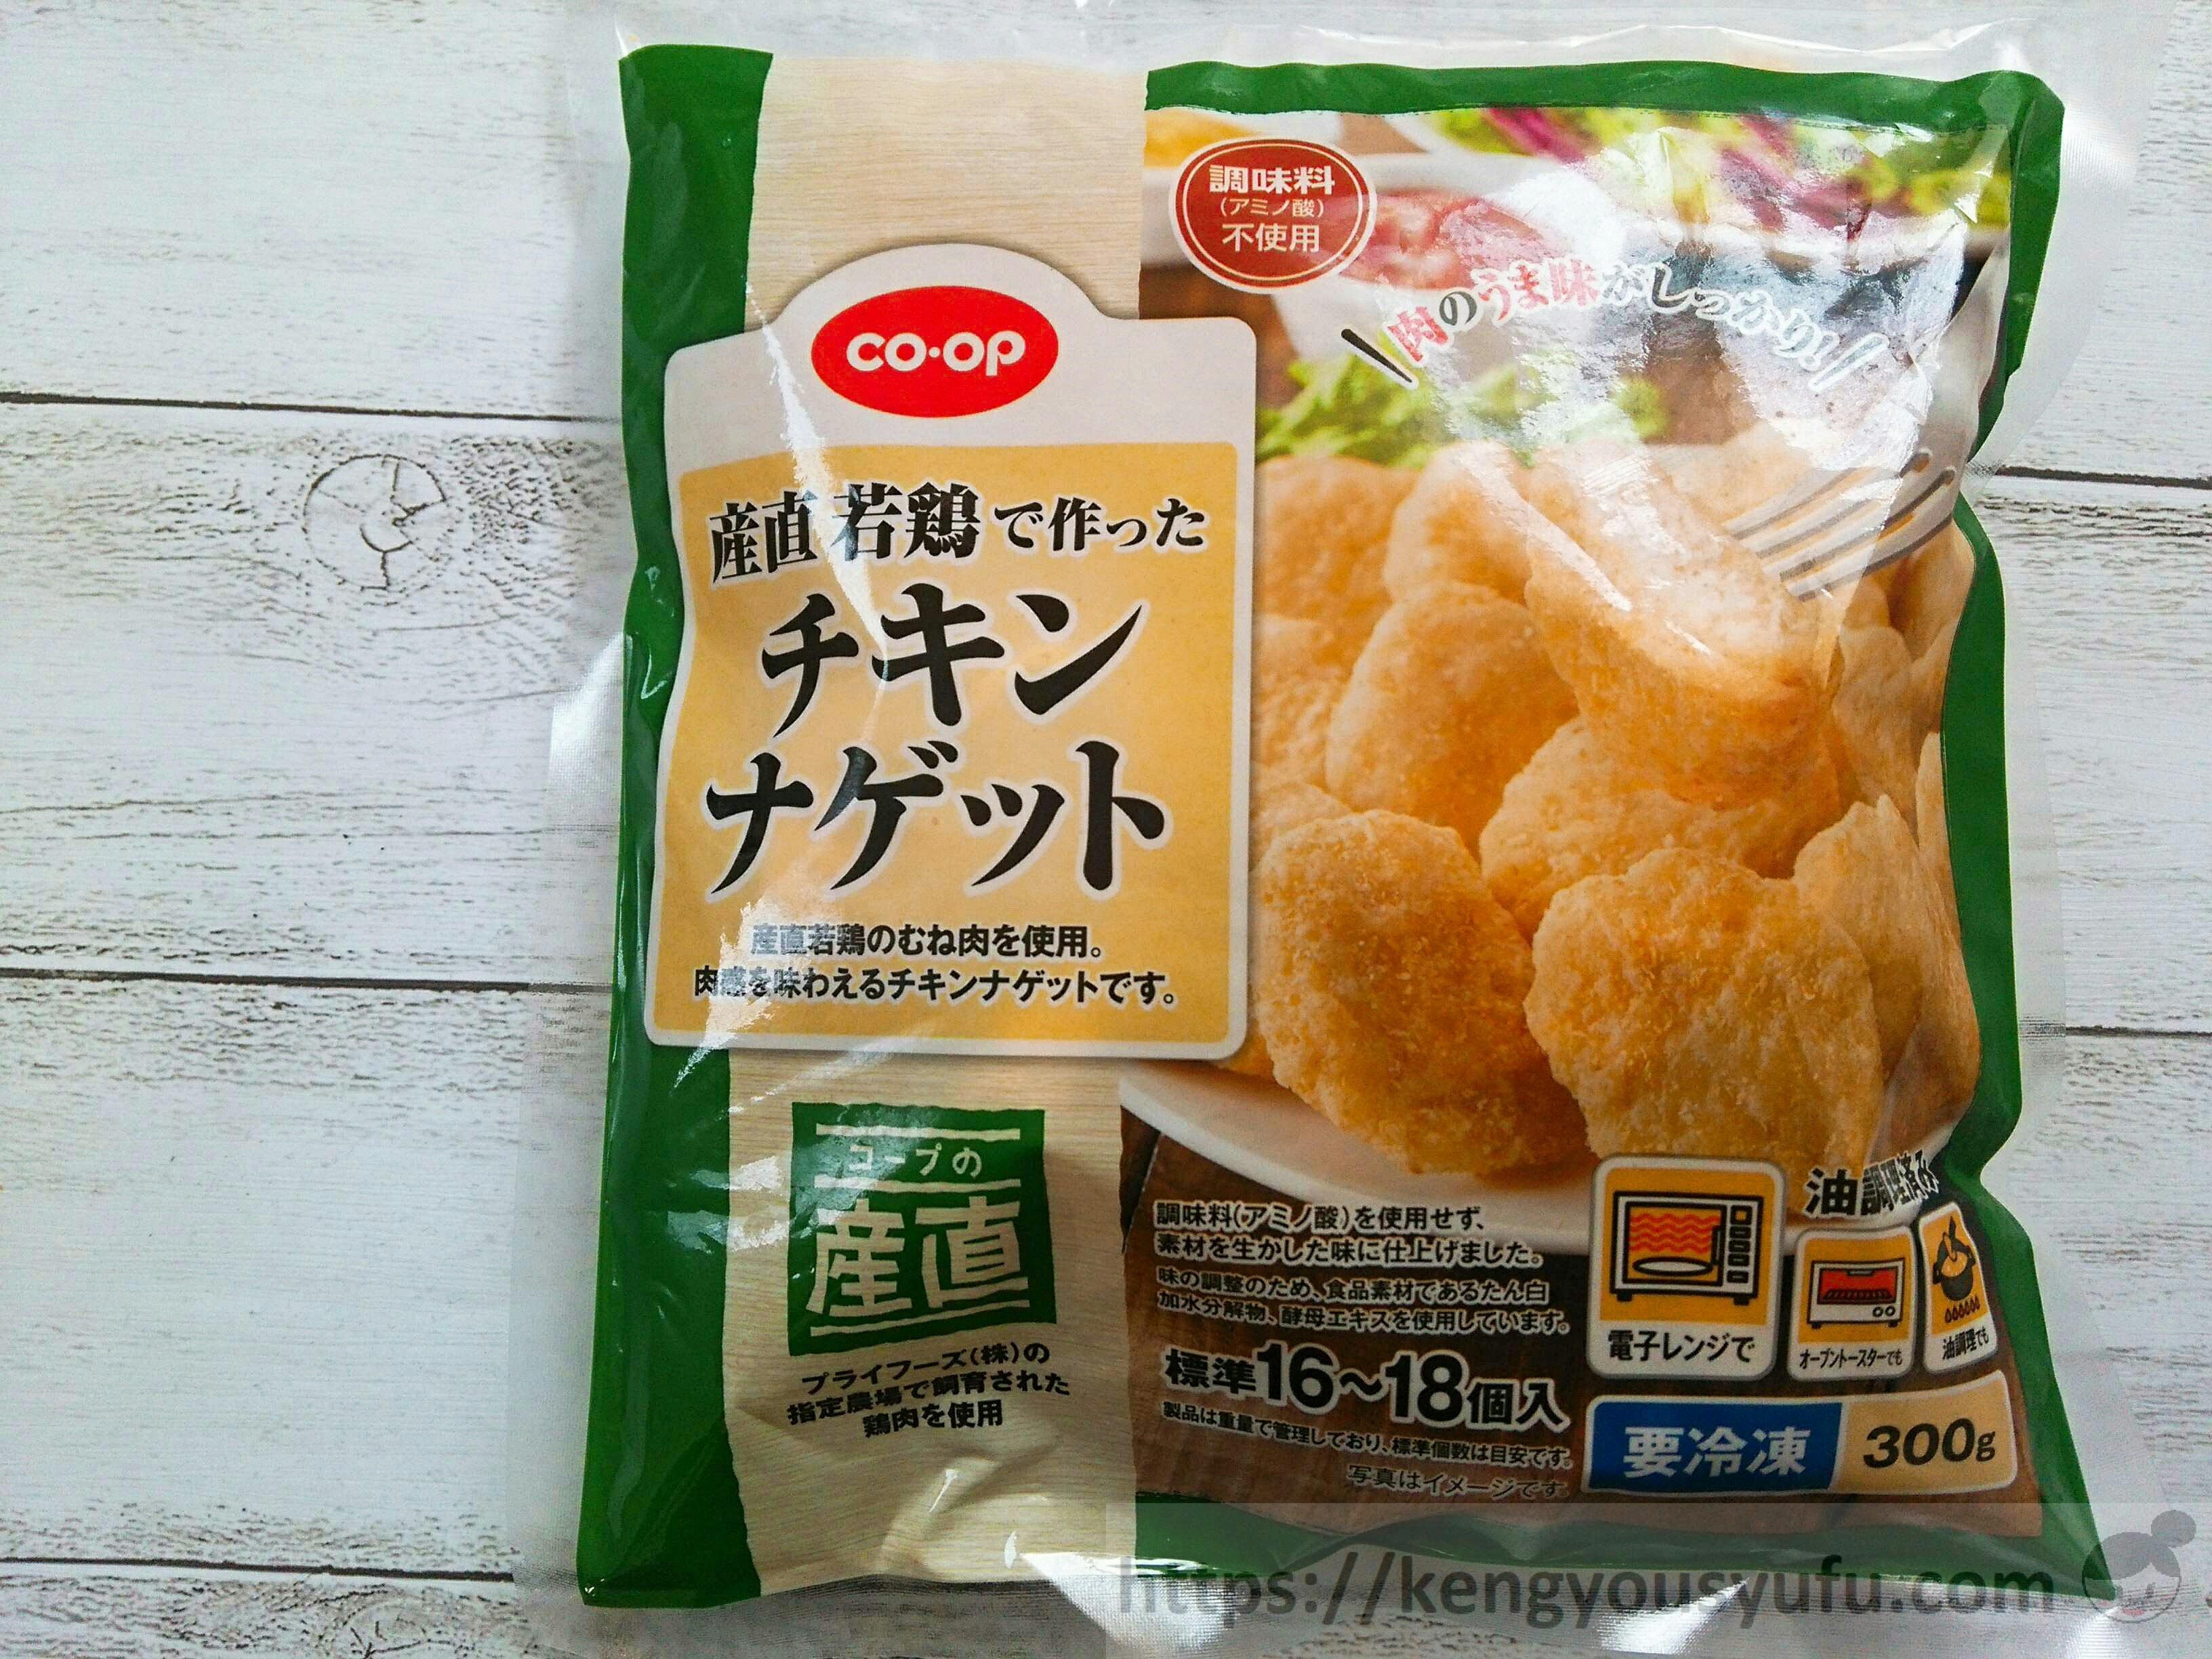 コープ産直若鶏で作ったチキンナゲットはプリプリしている